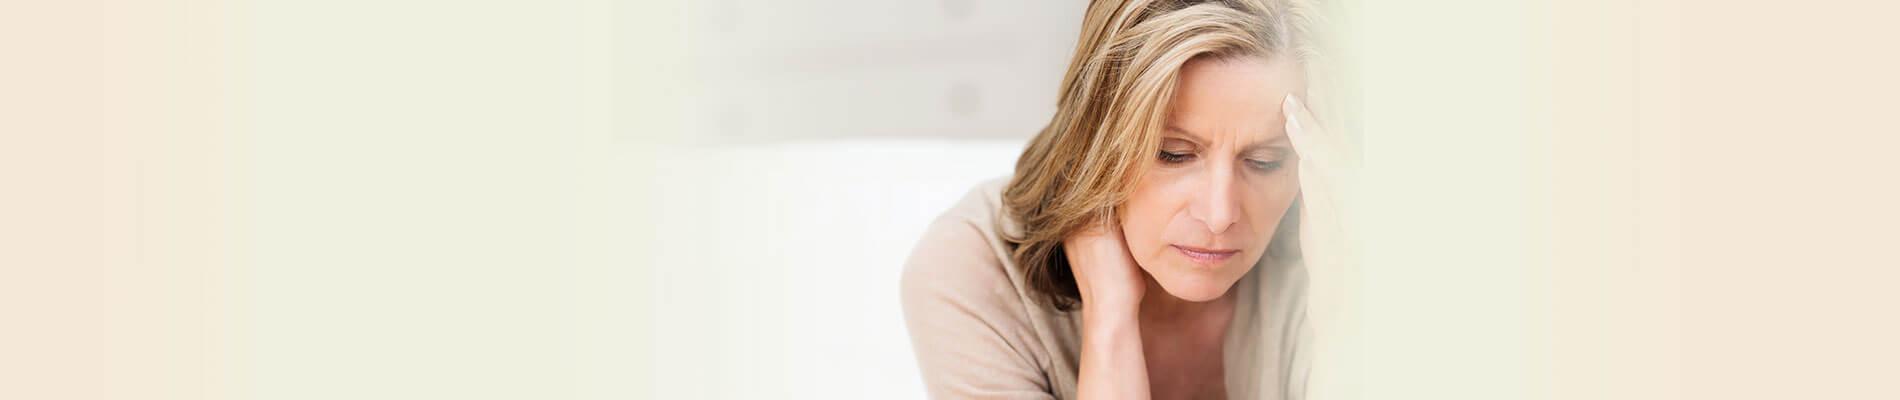 Stressbewältigung mit TCM